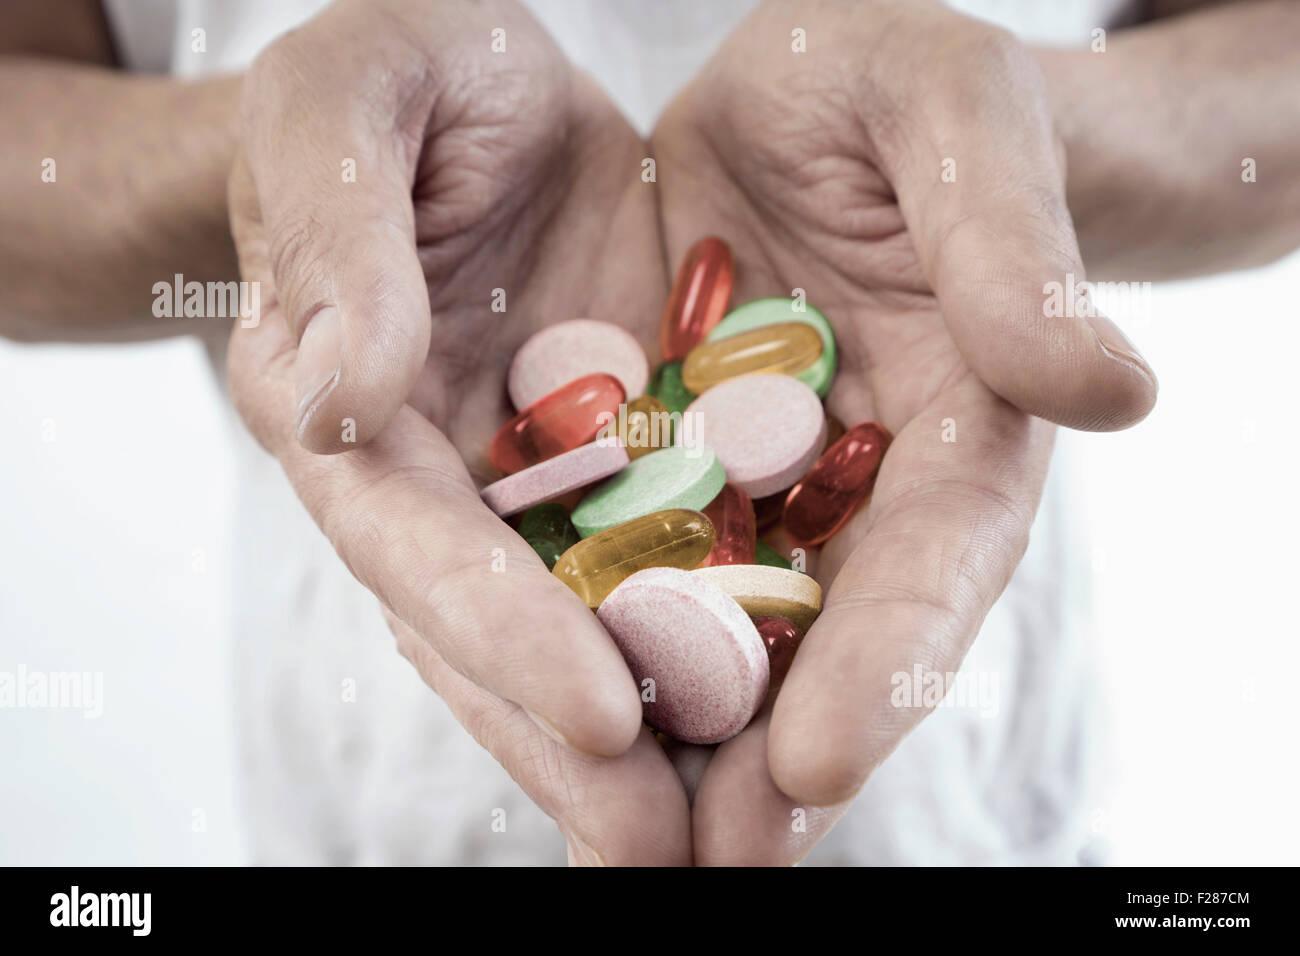 Männlichen Arzt Hände zeigen verschreibungspflichtige Pillen, Bayern, Deutschland Stockbild